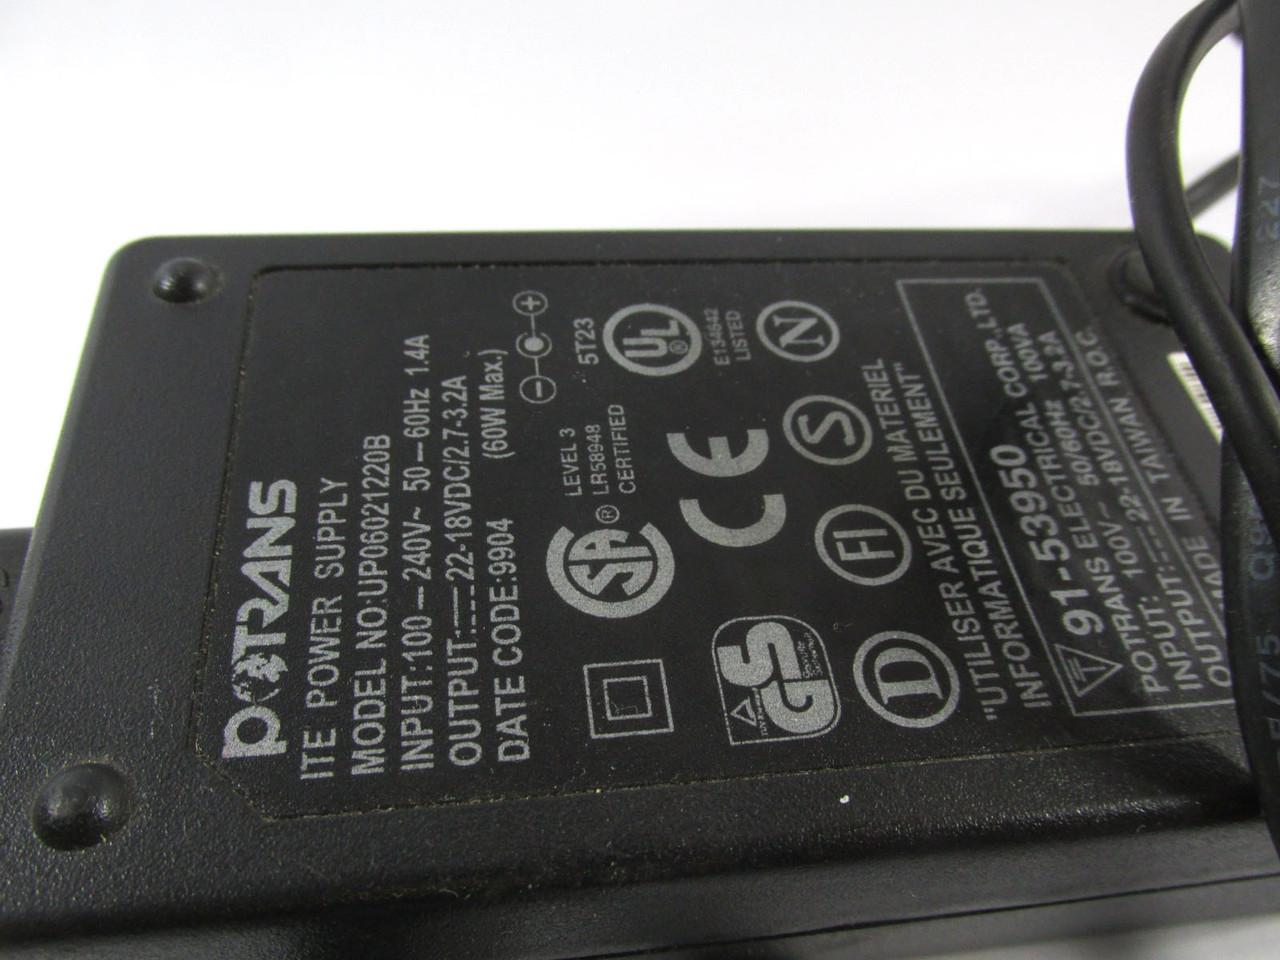 Блоки питания 3-25V, для ноутбуков, Принтеров, зарядки С Европы!